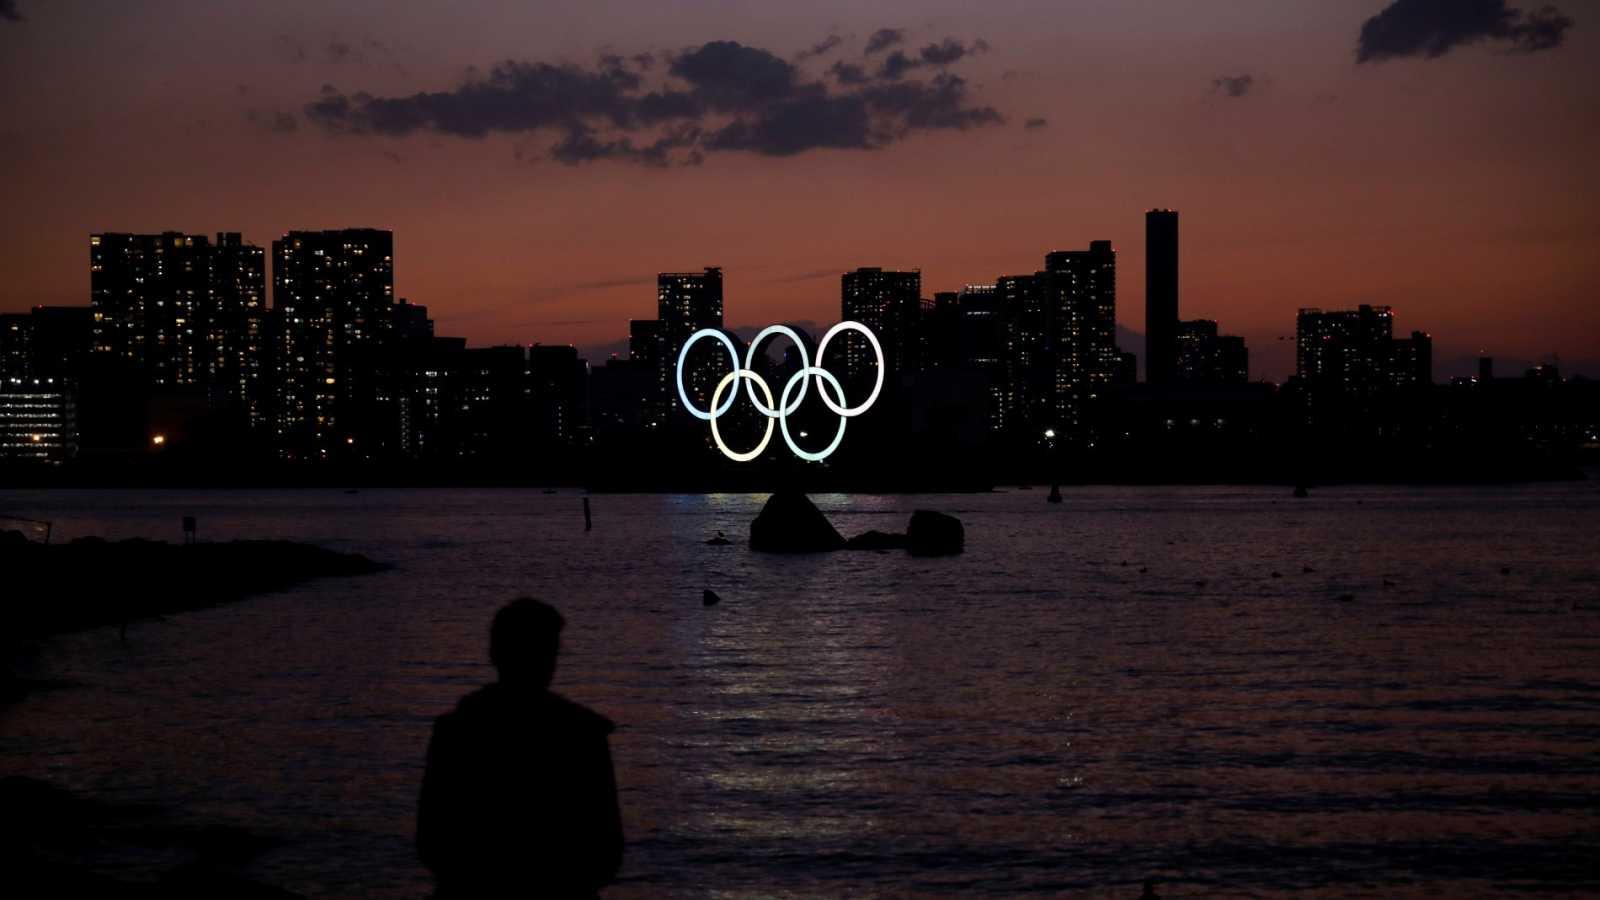 Imagen de los aros olímpicos en la ciudad de Tokio